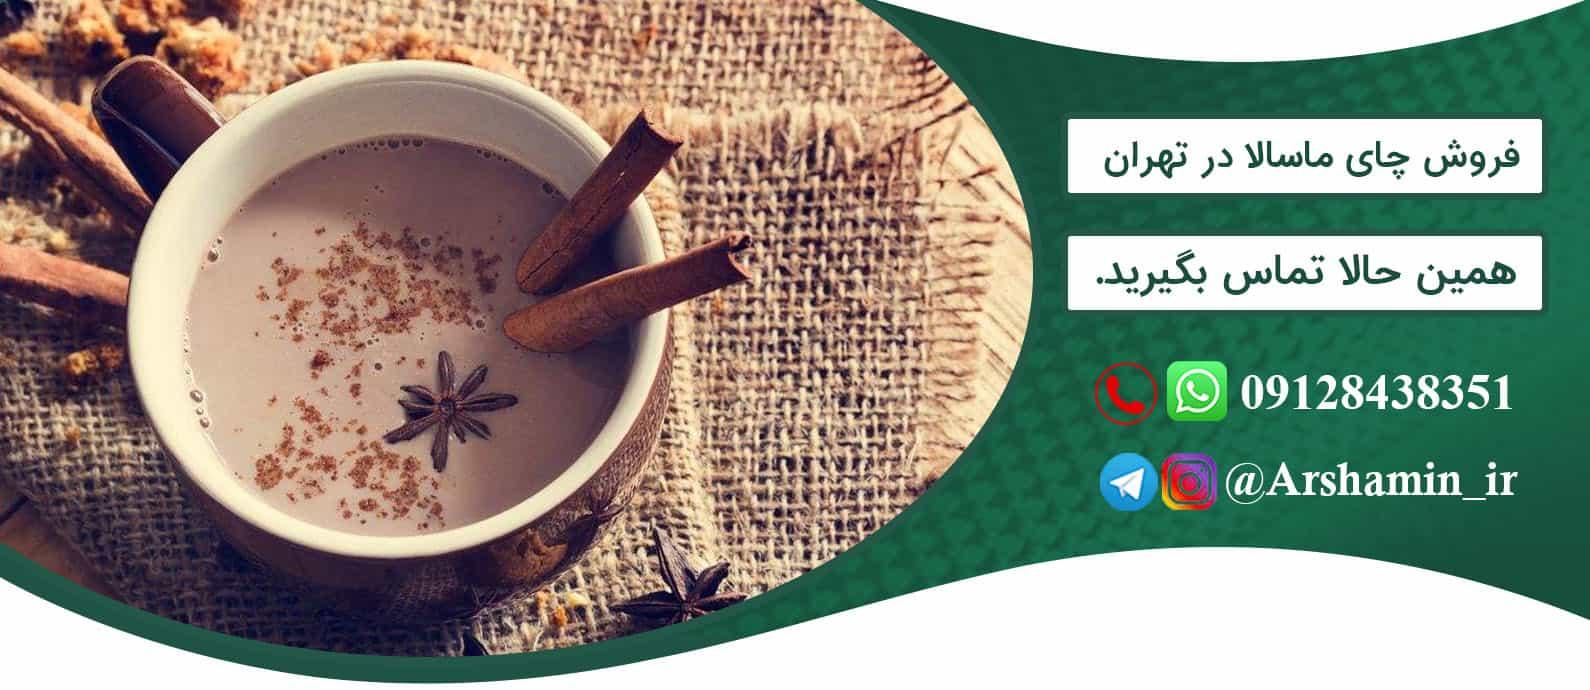 فروش چای ماسالا در تهران